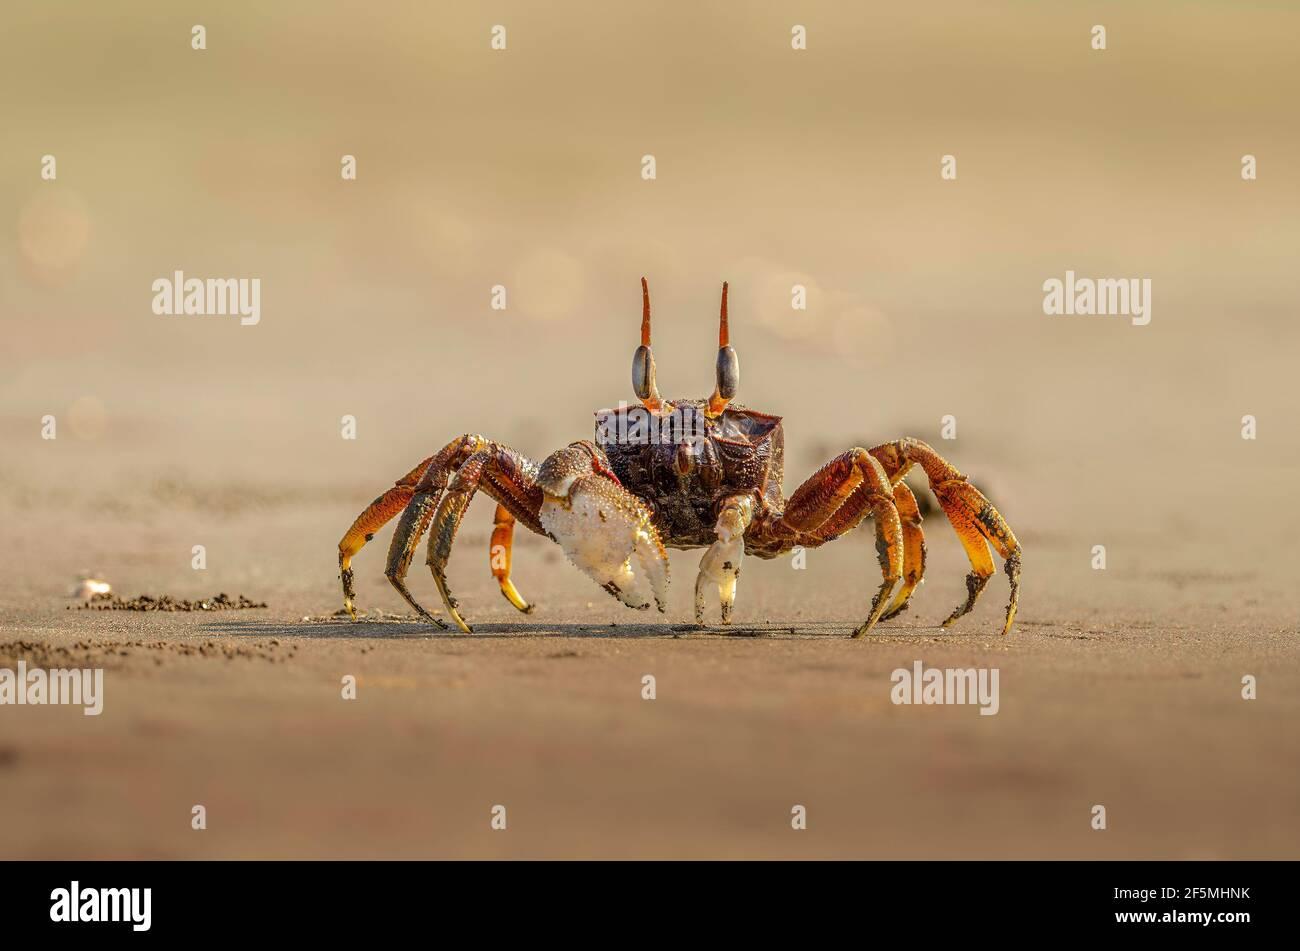 Crab fantasma en la arena en la orilla del mar Foto de stock